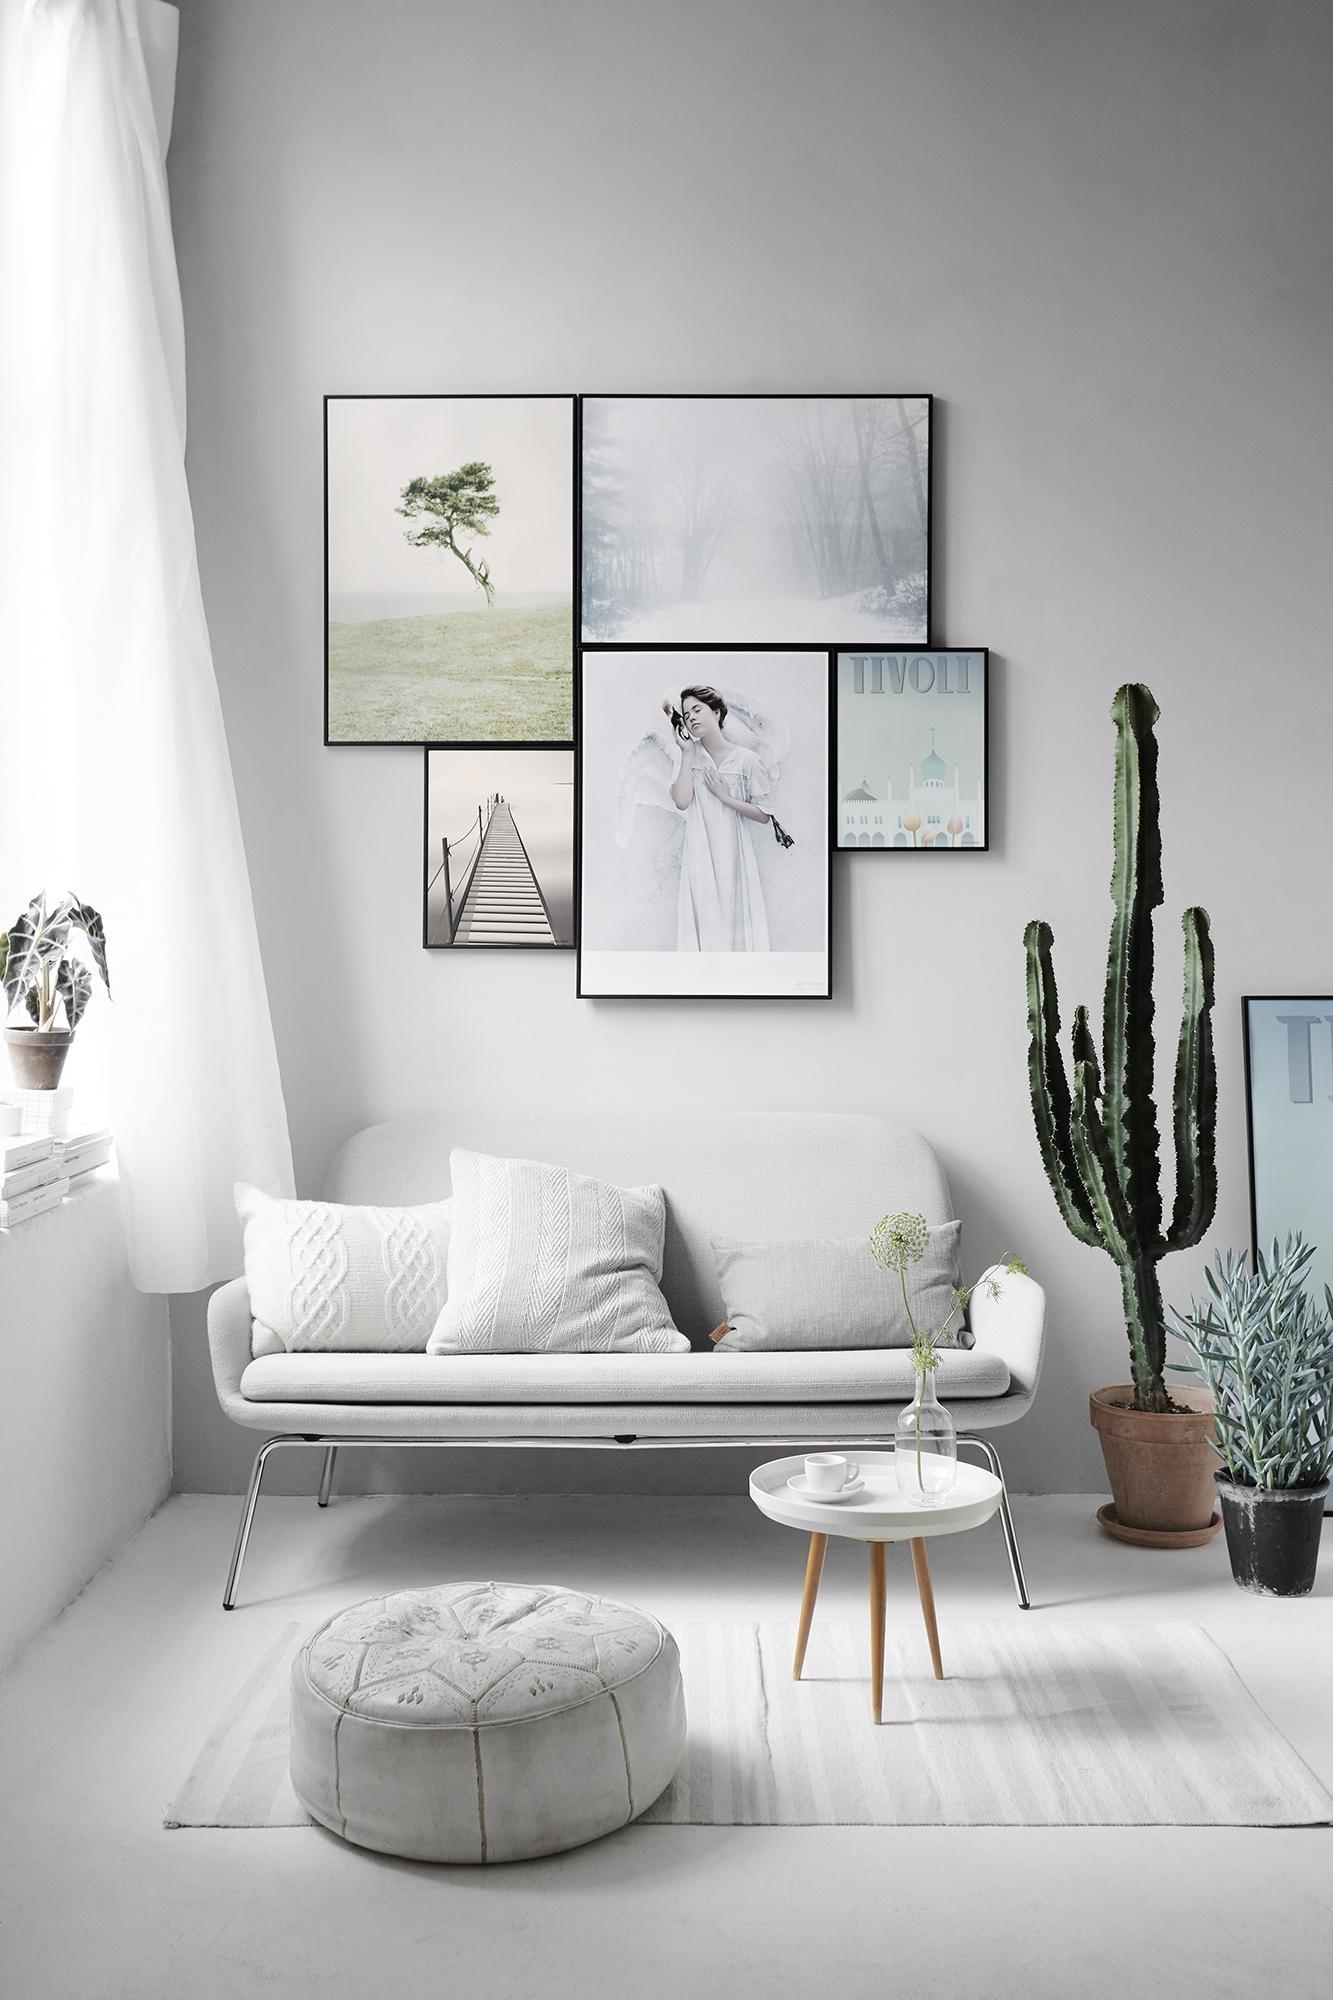 10 Scandinavian Style Interiors Ideas | Italianbark With Regard To Italian Style Wall Art (View 19 of 20)